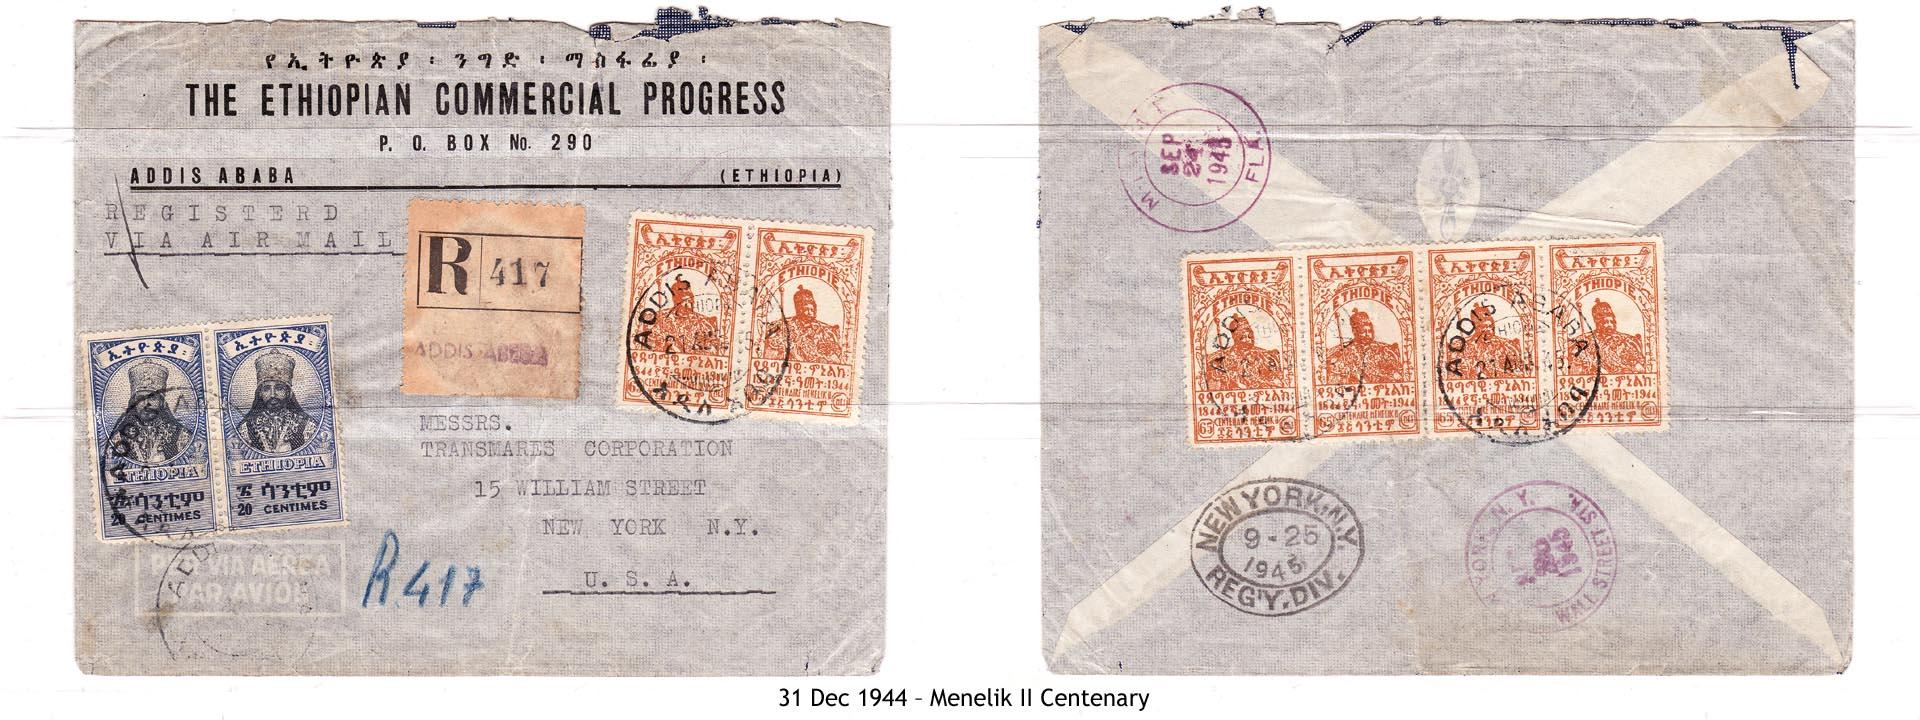 19441231 – Menelik II Centenary